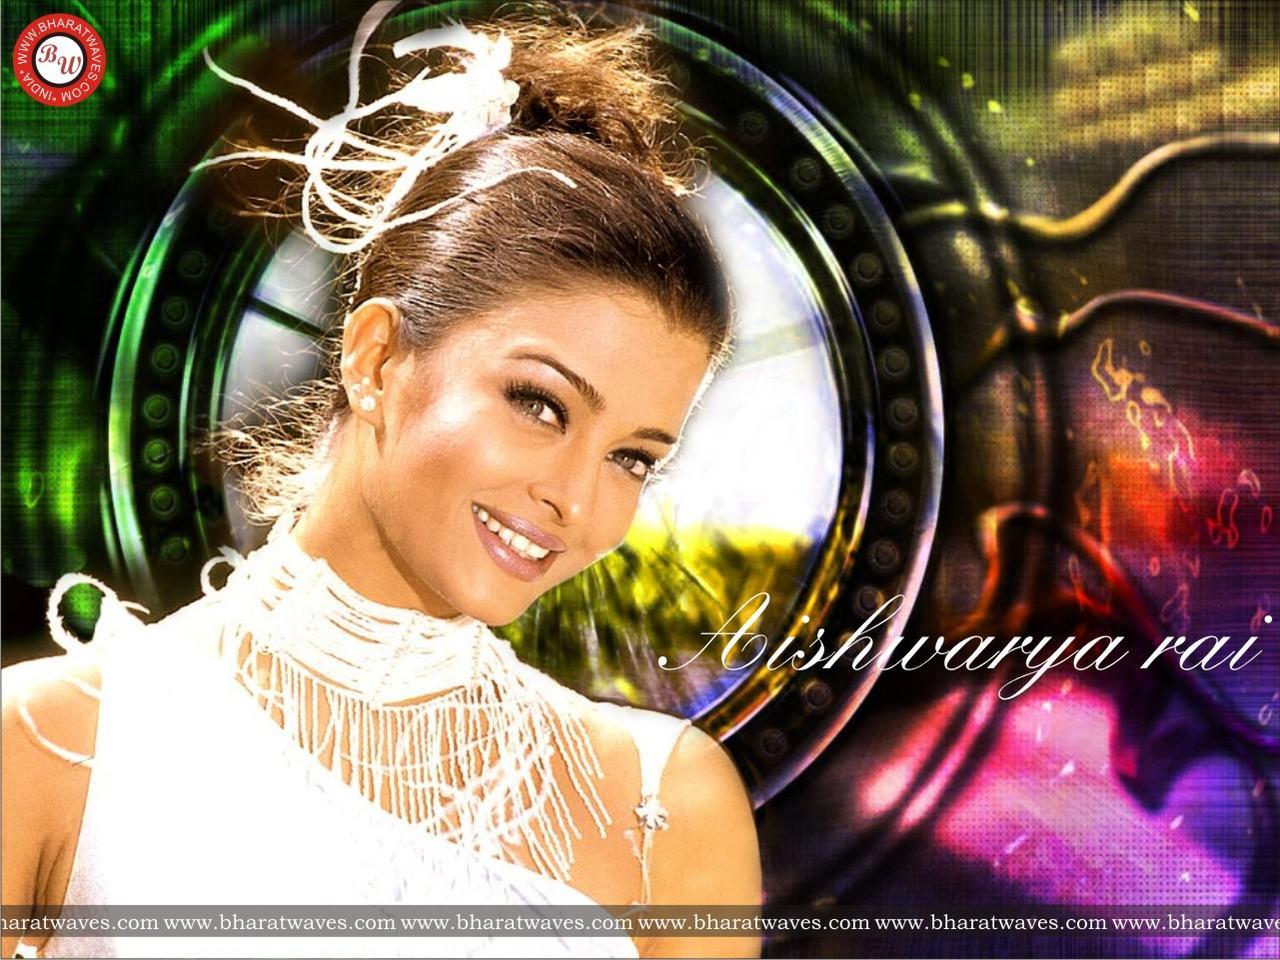 http://3.bp.blogspot.com/-PhslJBA2__M/TitHbm9LMoI/AAAAAAAABGg/RFxxnaQcZuo/s1600/Aishwarya%2Brai2.jpg